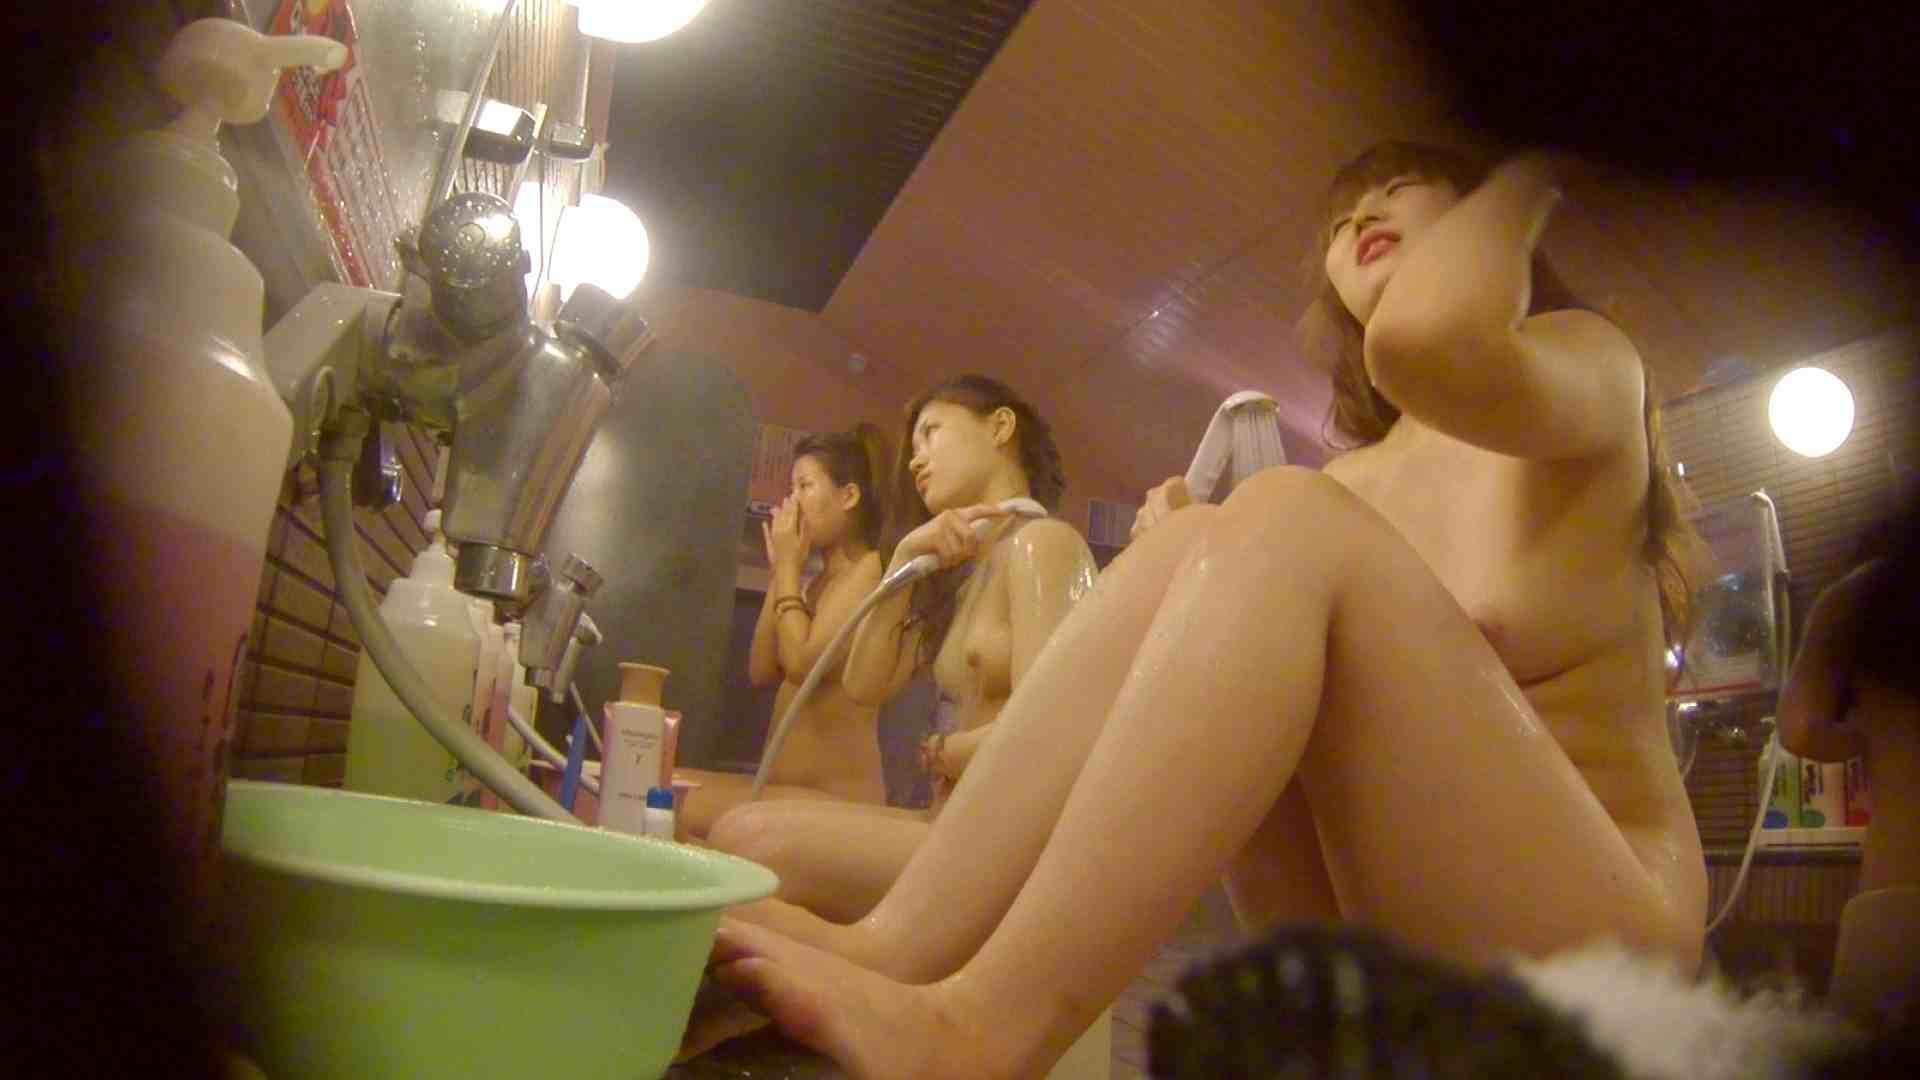 追い撮り!脱衣所から仲良し3人組を追跡。みんなイイ体・・。 追跡 | 銭湯着替え  63画像 23